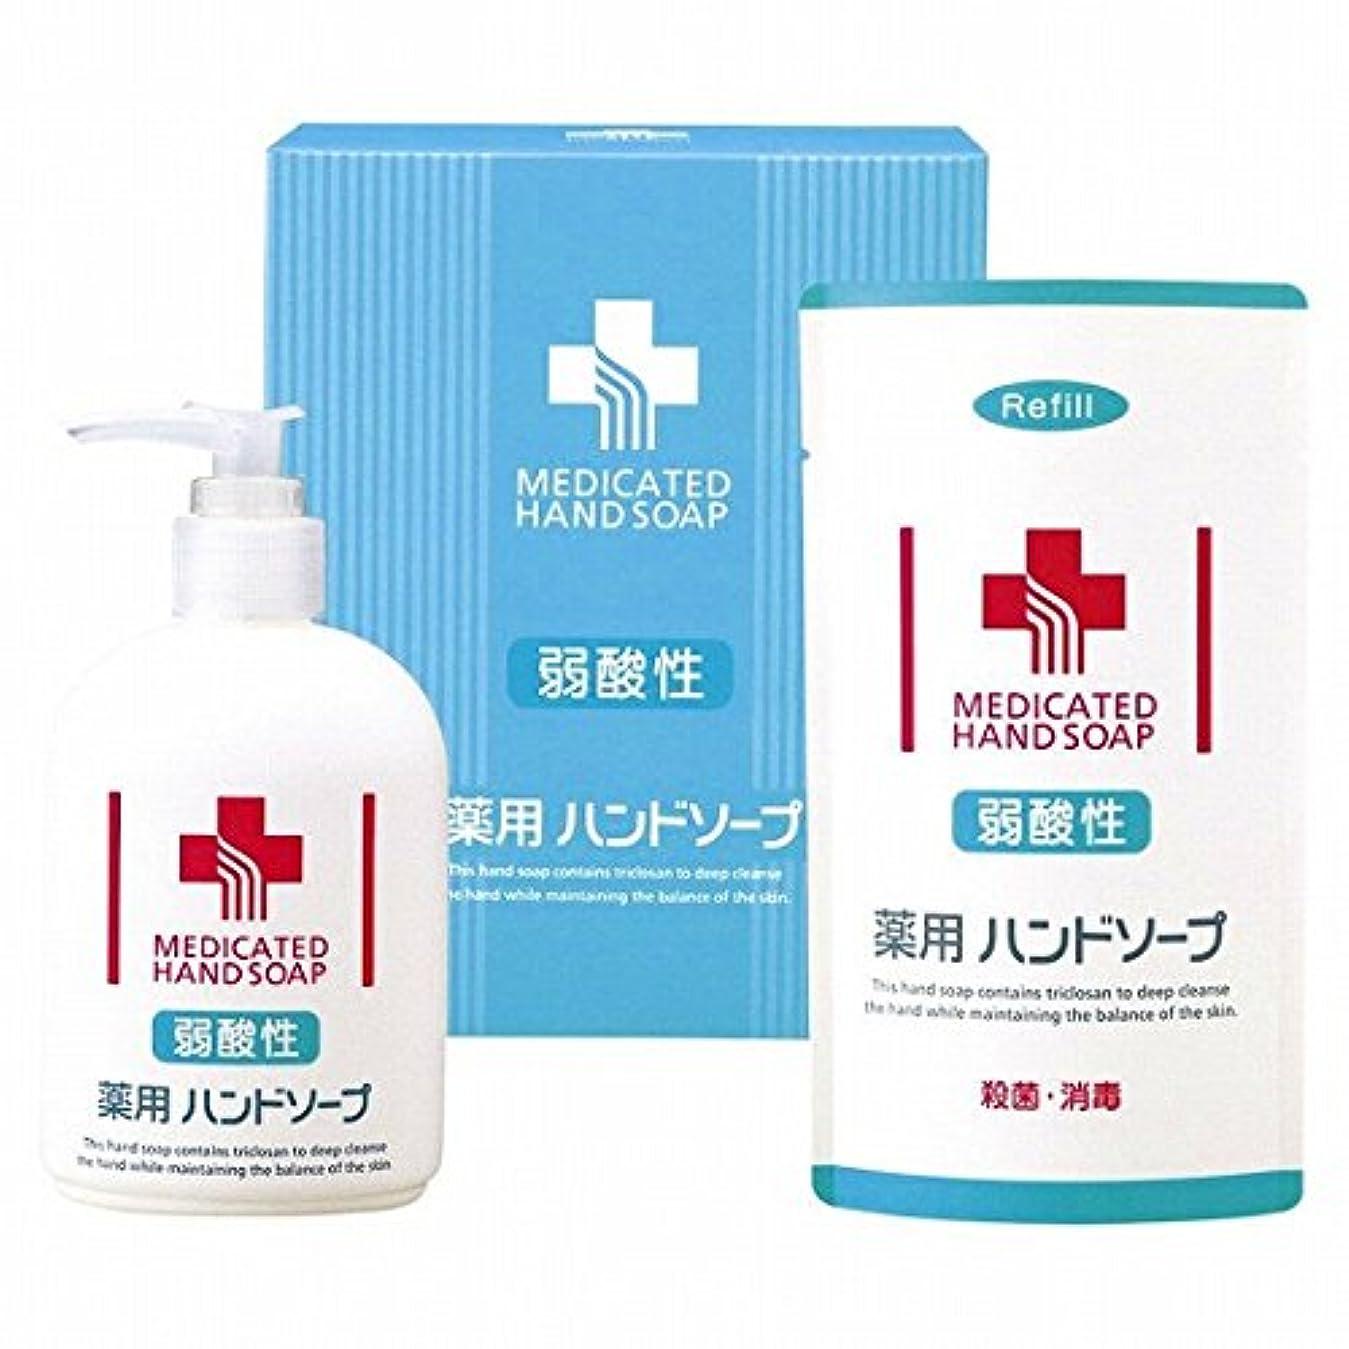 エイリアスランデブー今日nobrand 弱酸性 薬用ハンドソープセット(21957015)